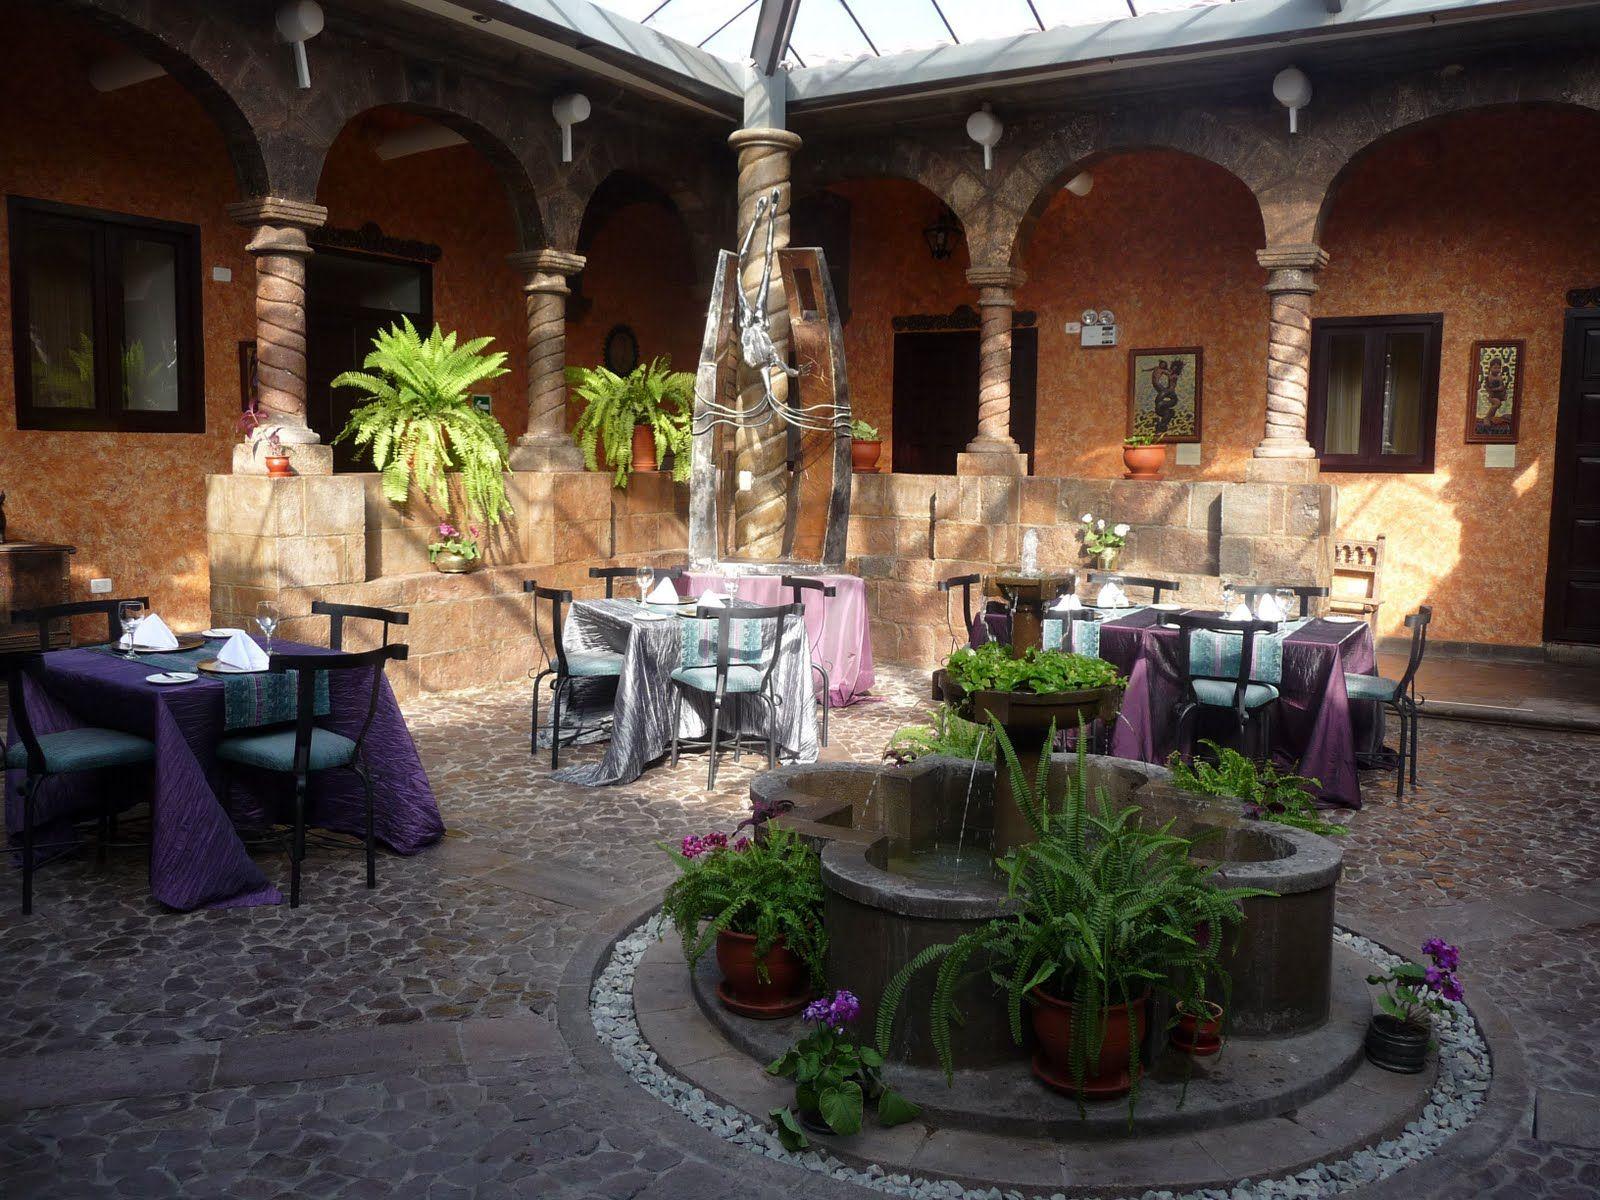 Patio coloniales google search dise o de interiores for Salas coloniales